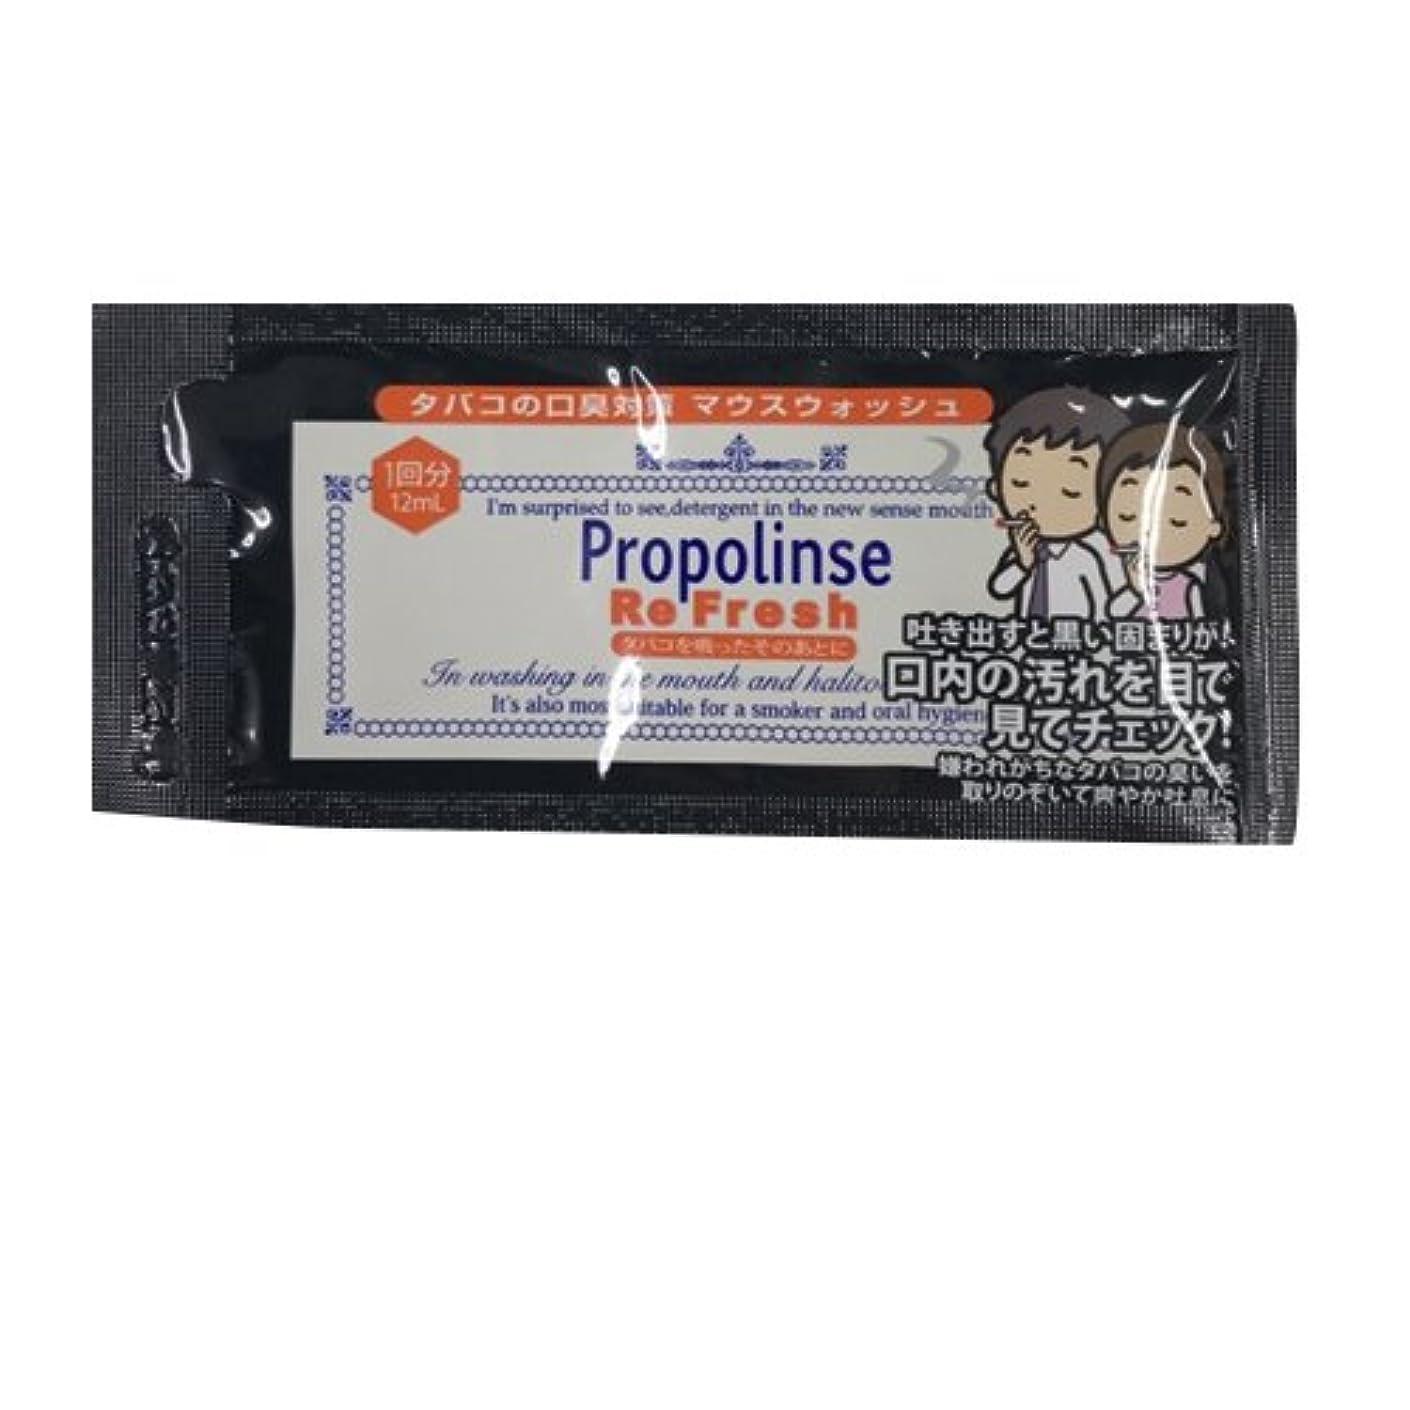 悪化させる解説黒プロポリンス ハンディパウチ12ml ×100個 リフレッシュ